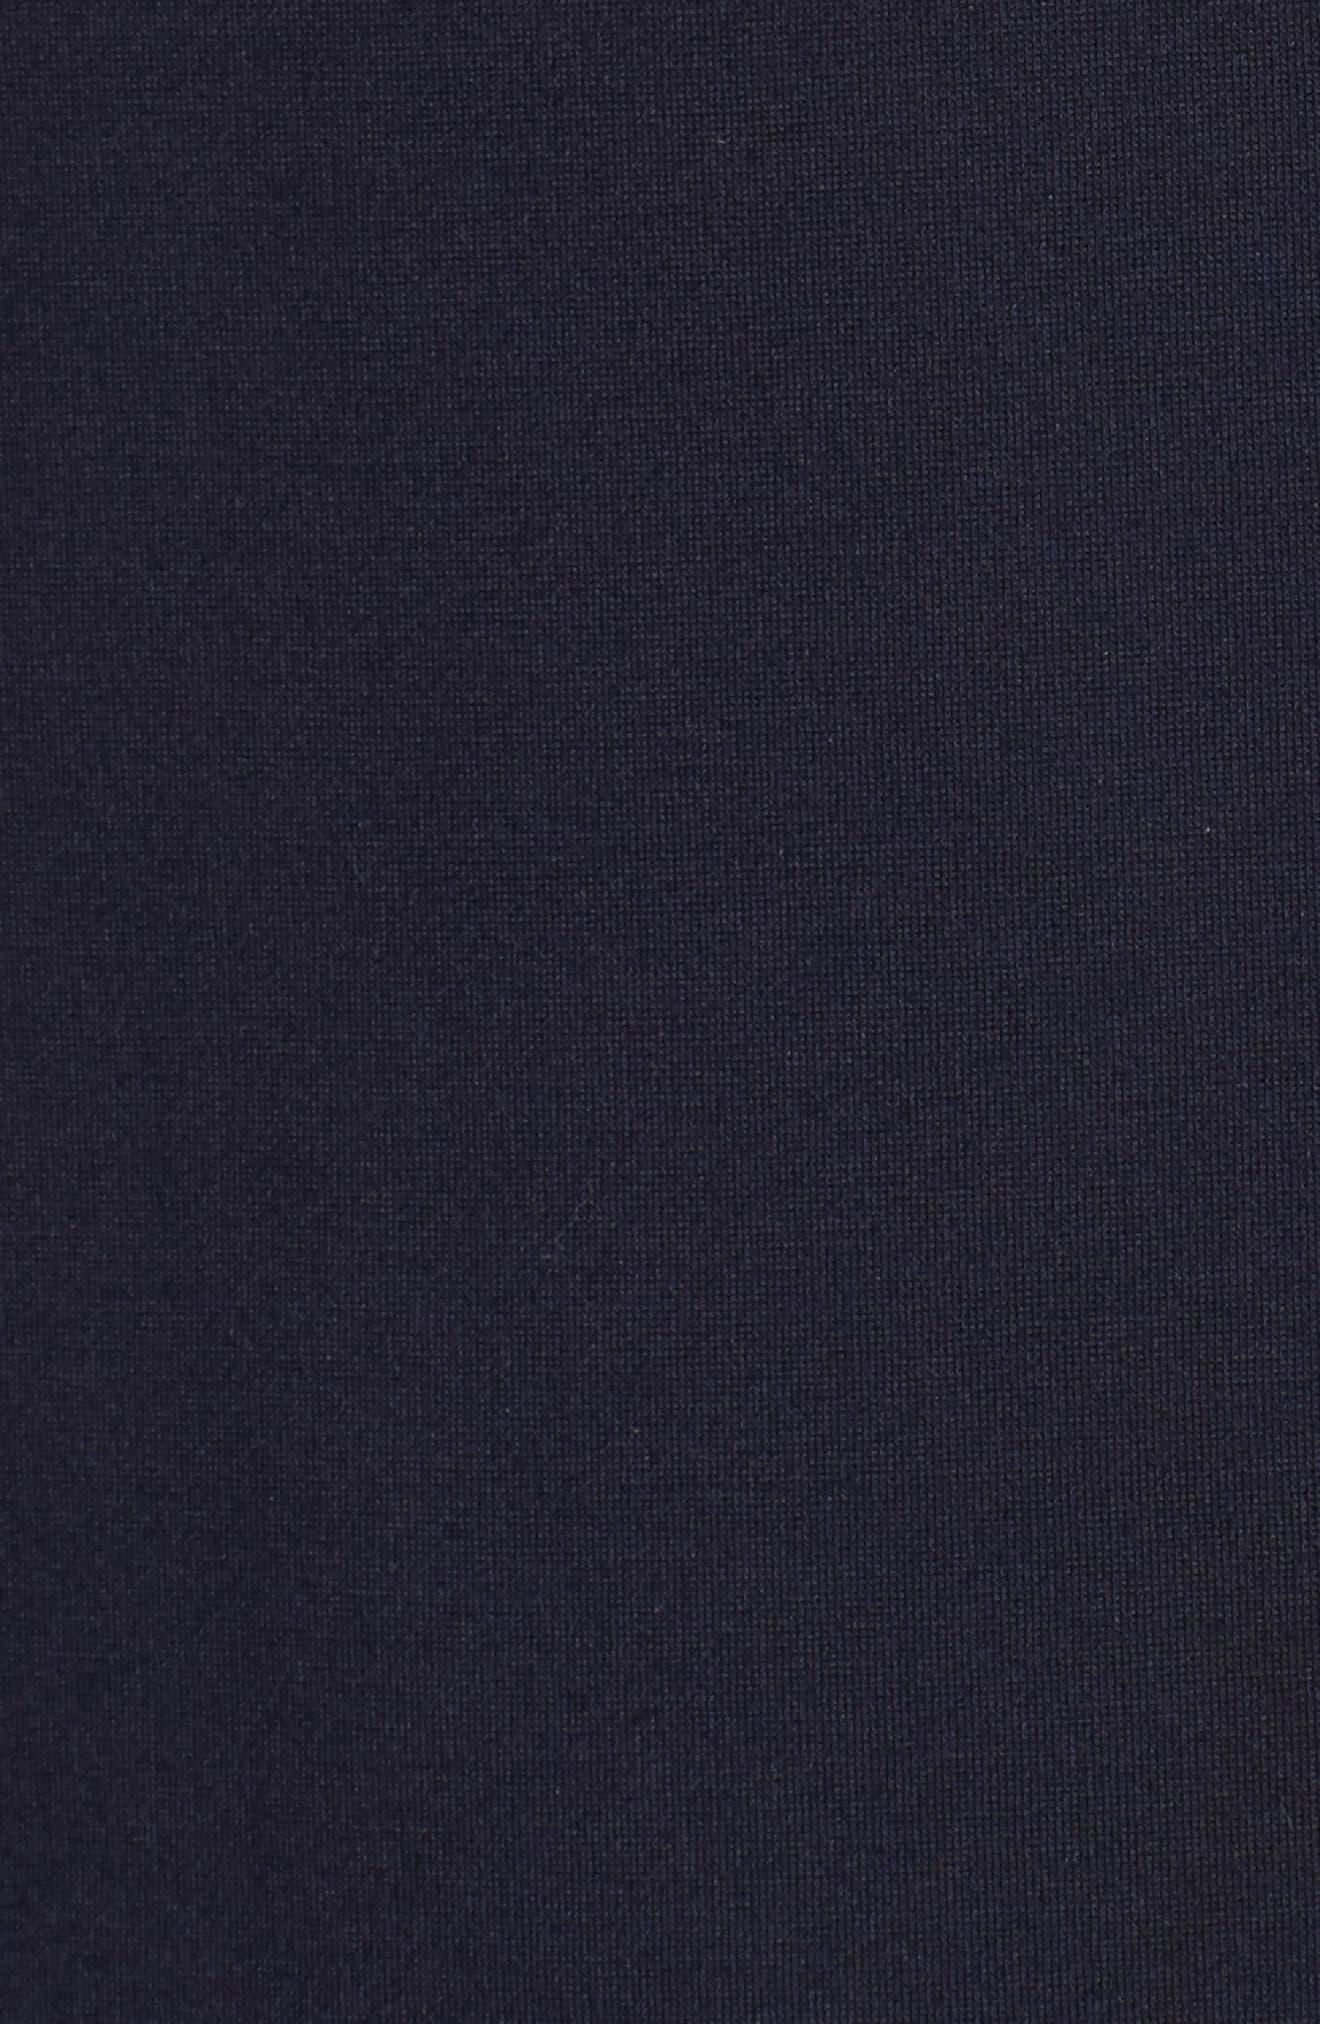 Brie Double Knit Shift Dress,                             Alternate thumbnail 10, color,